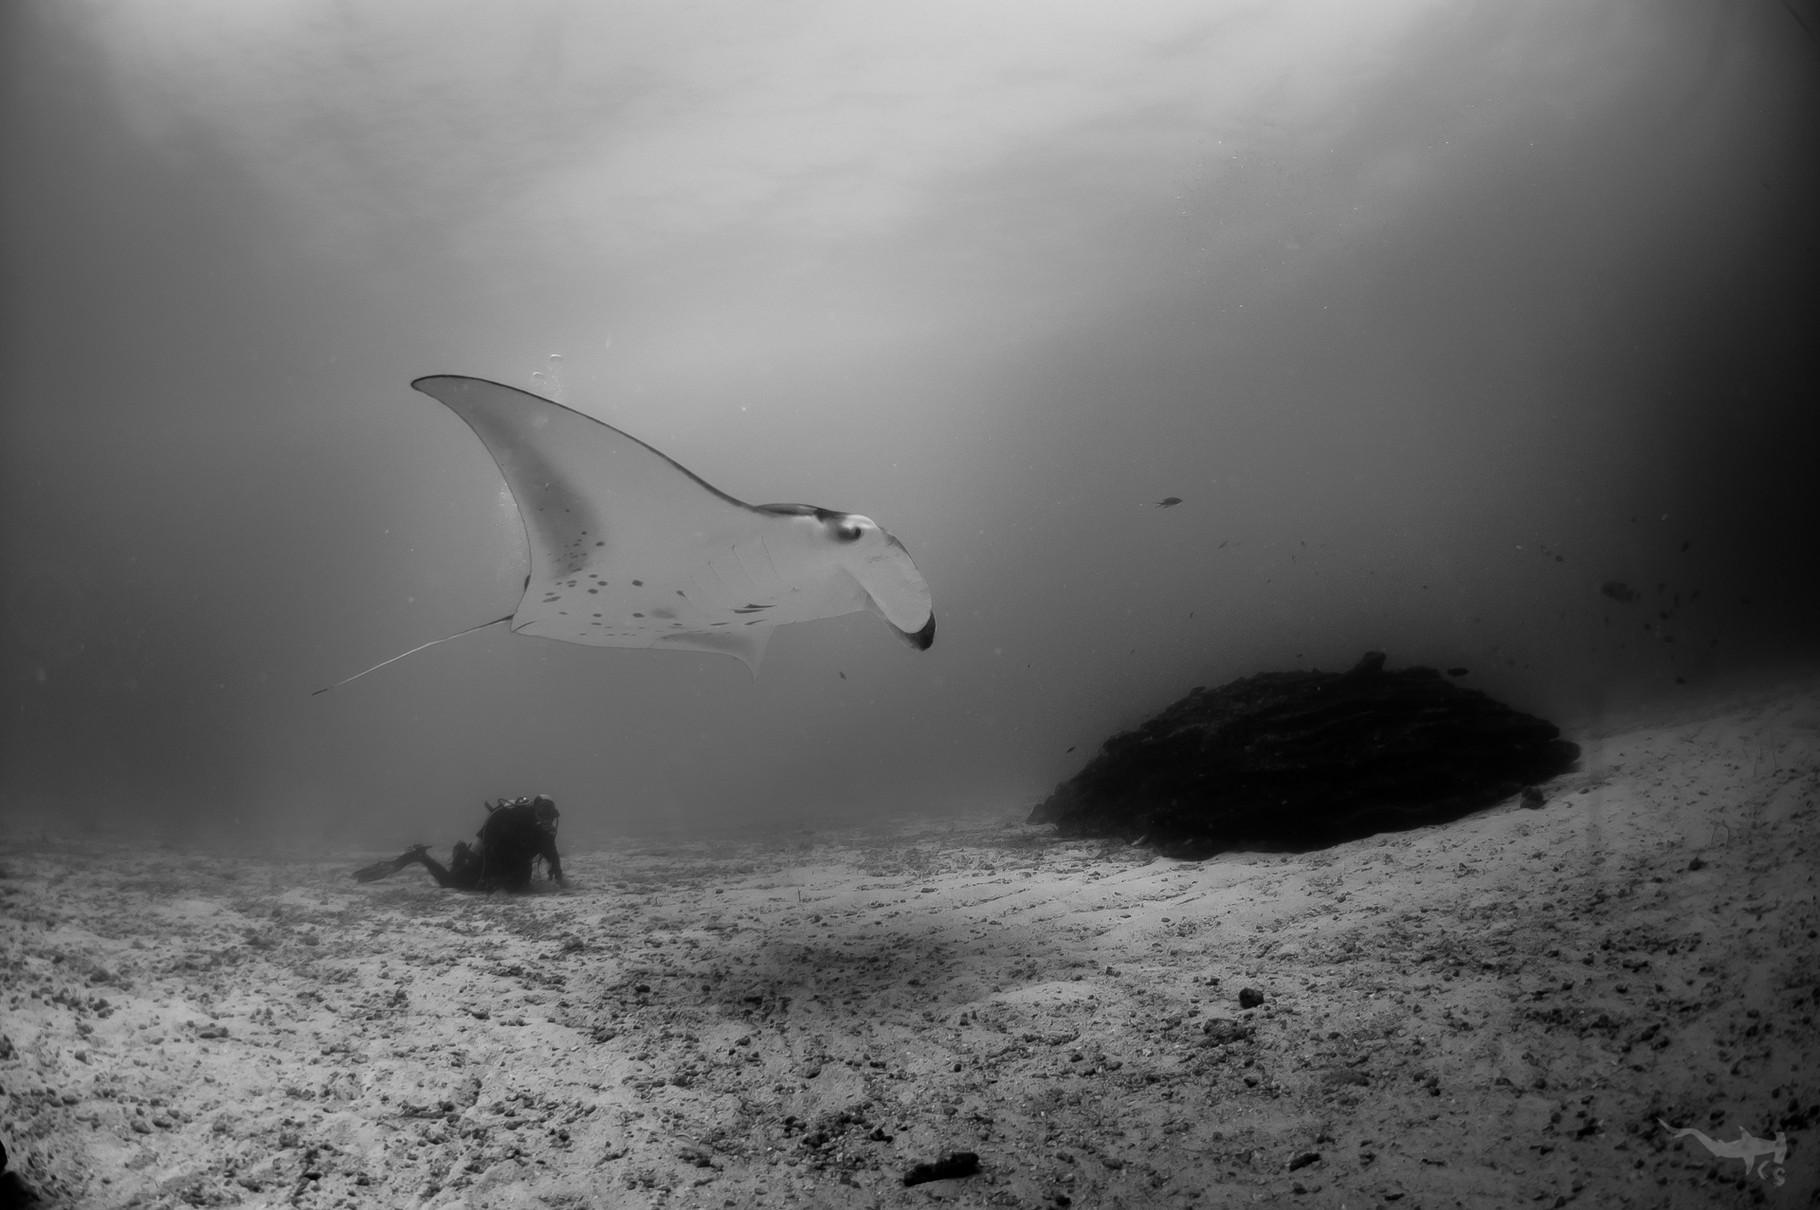 Manta Ray - Sunlight Thila/Maledives